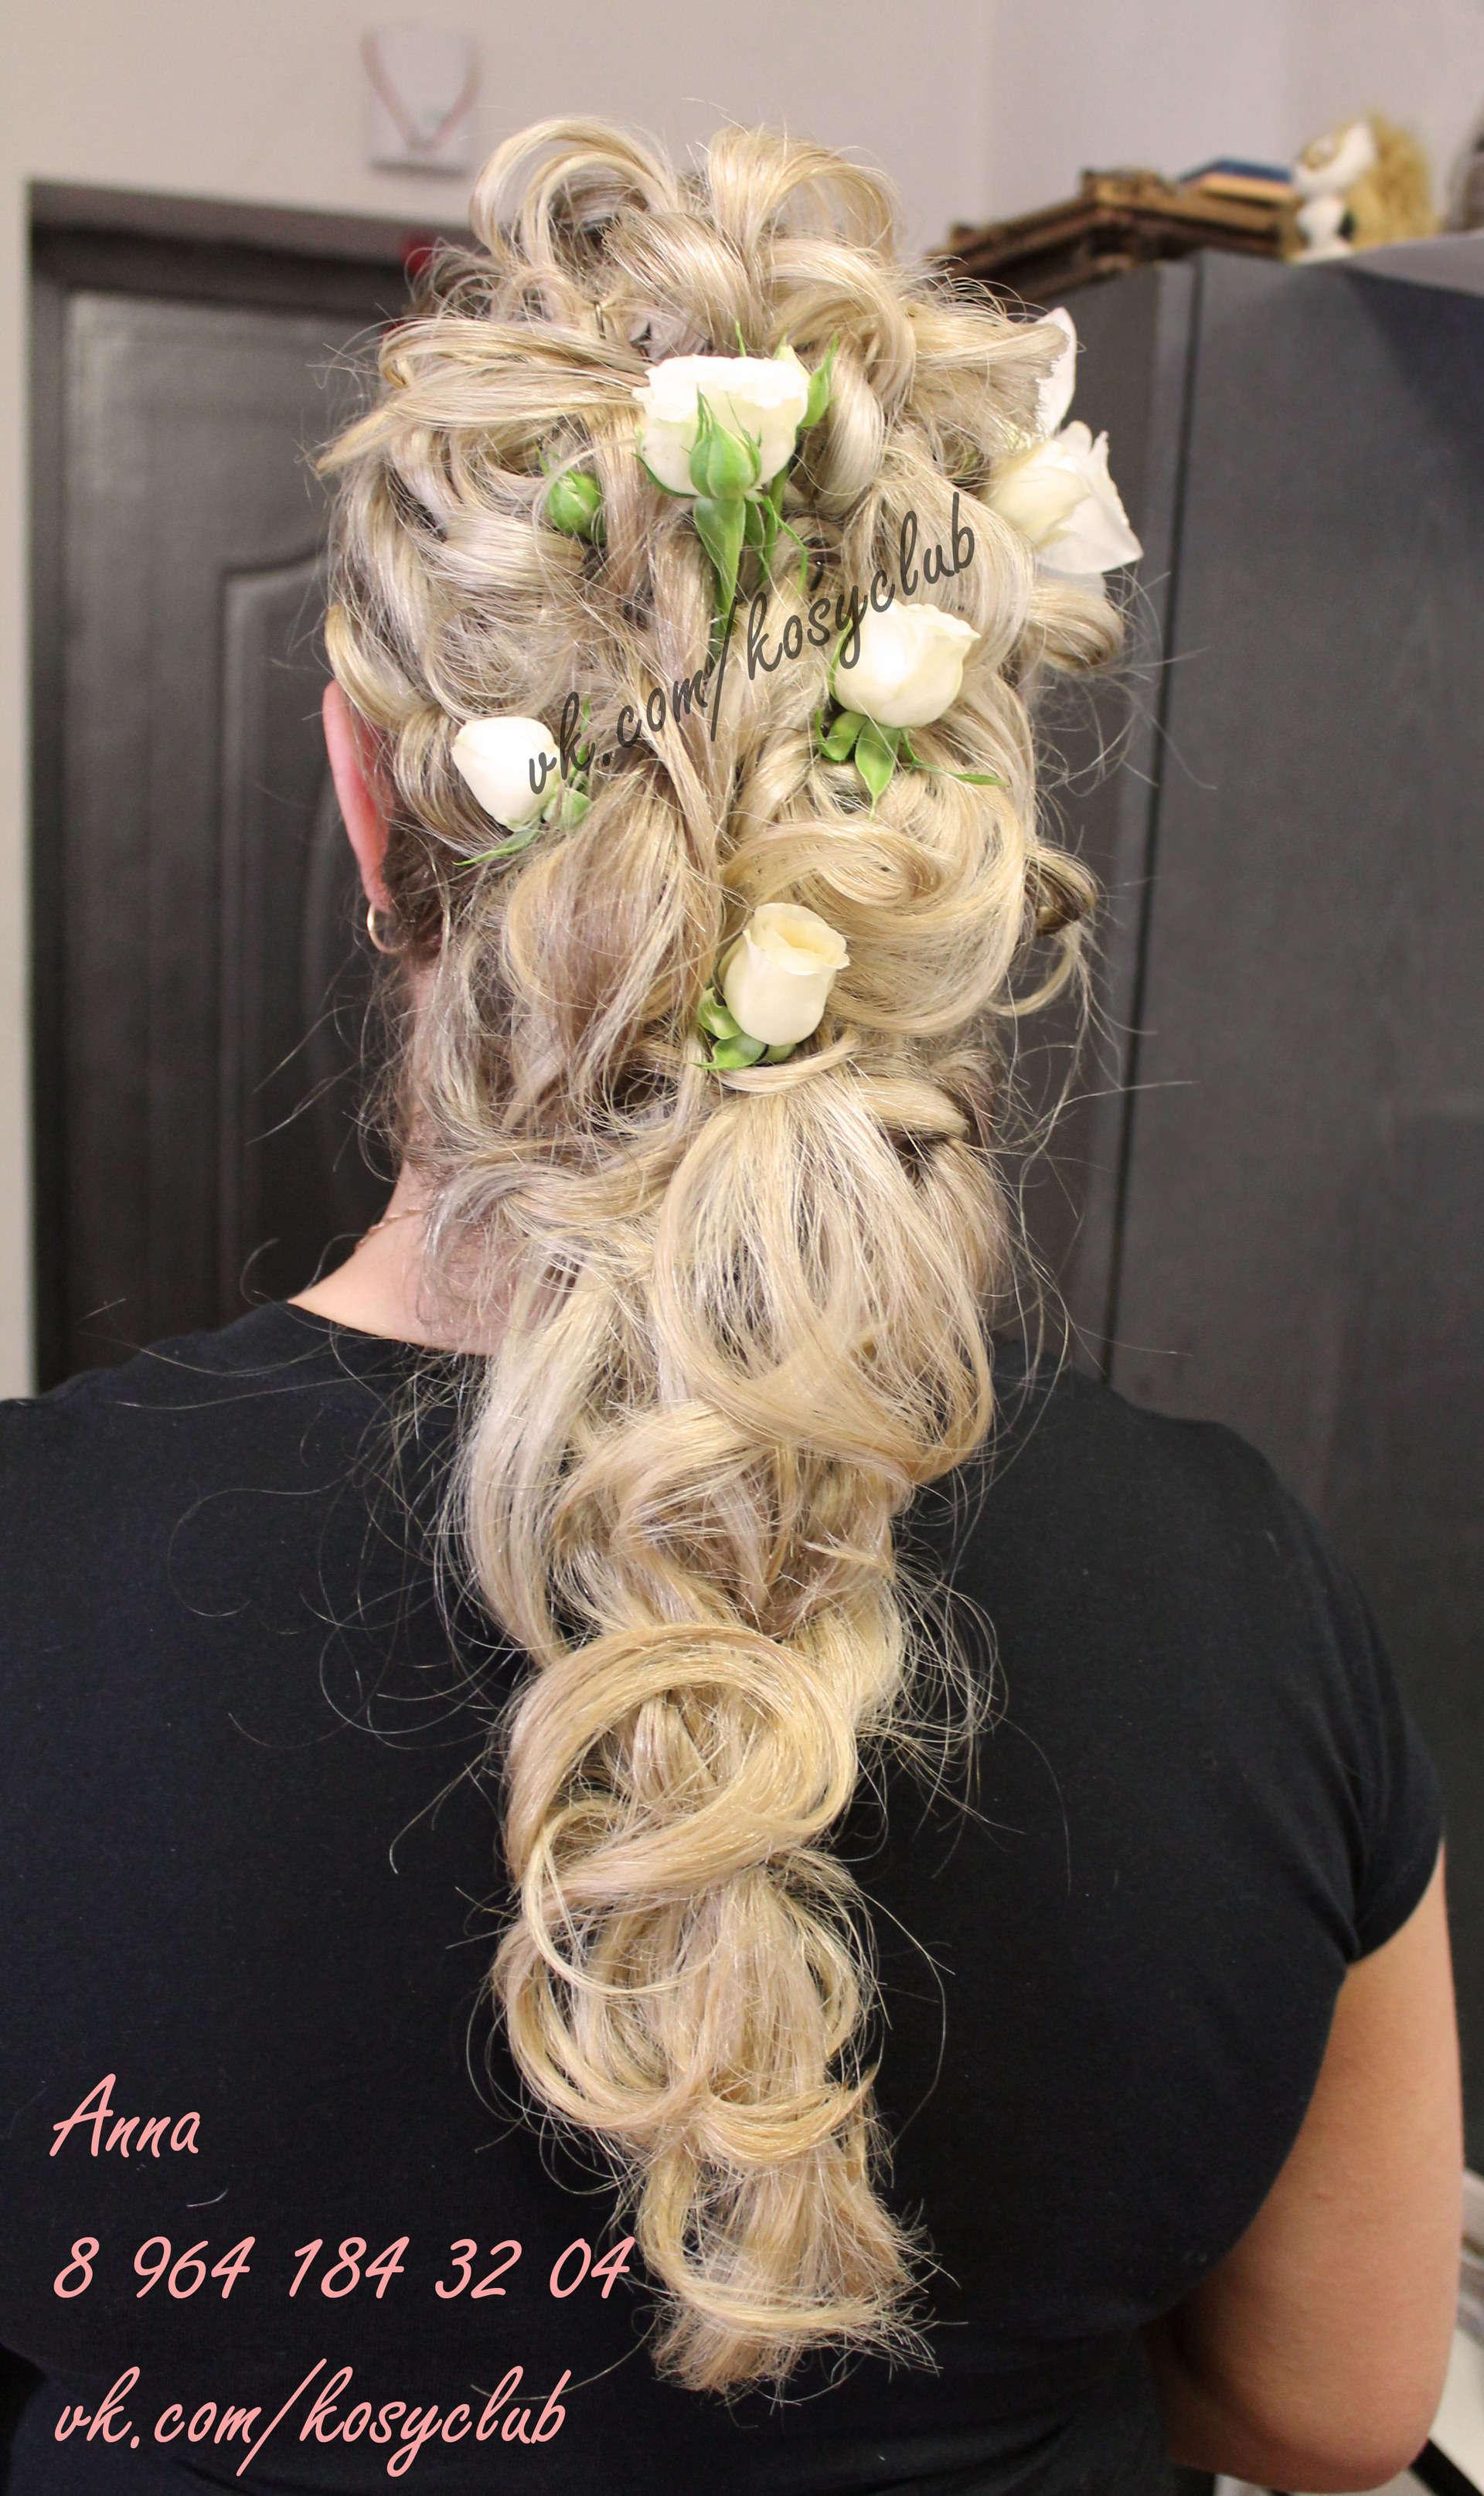 Прическа на свадьбу коса с цветами